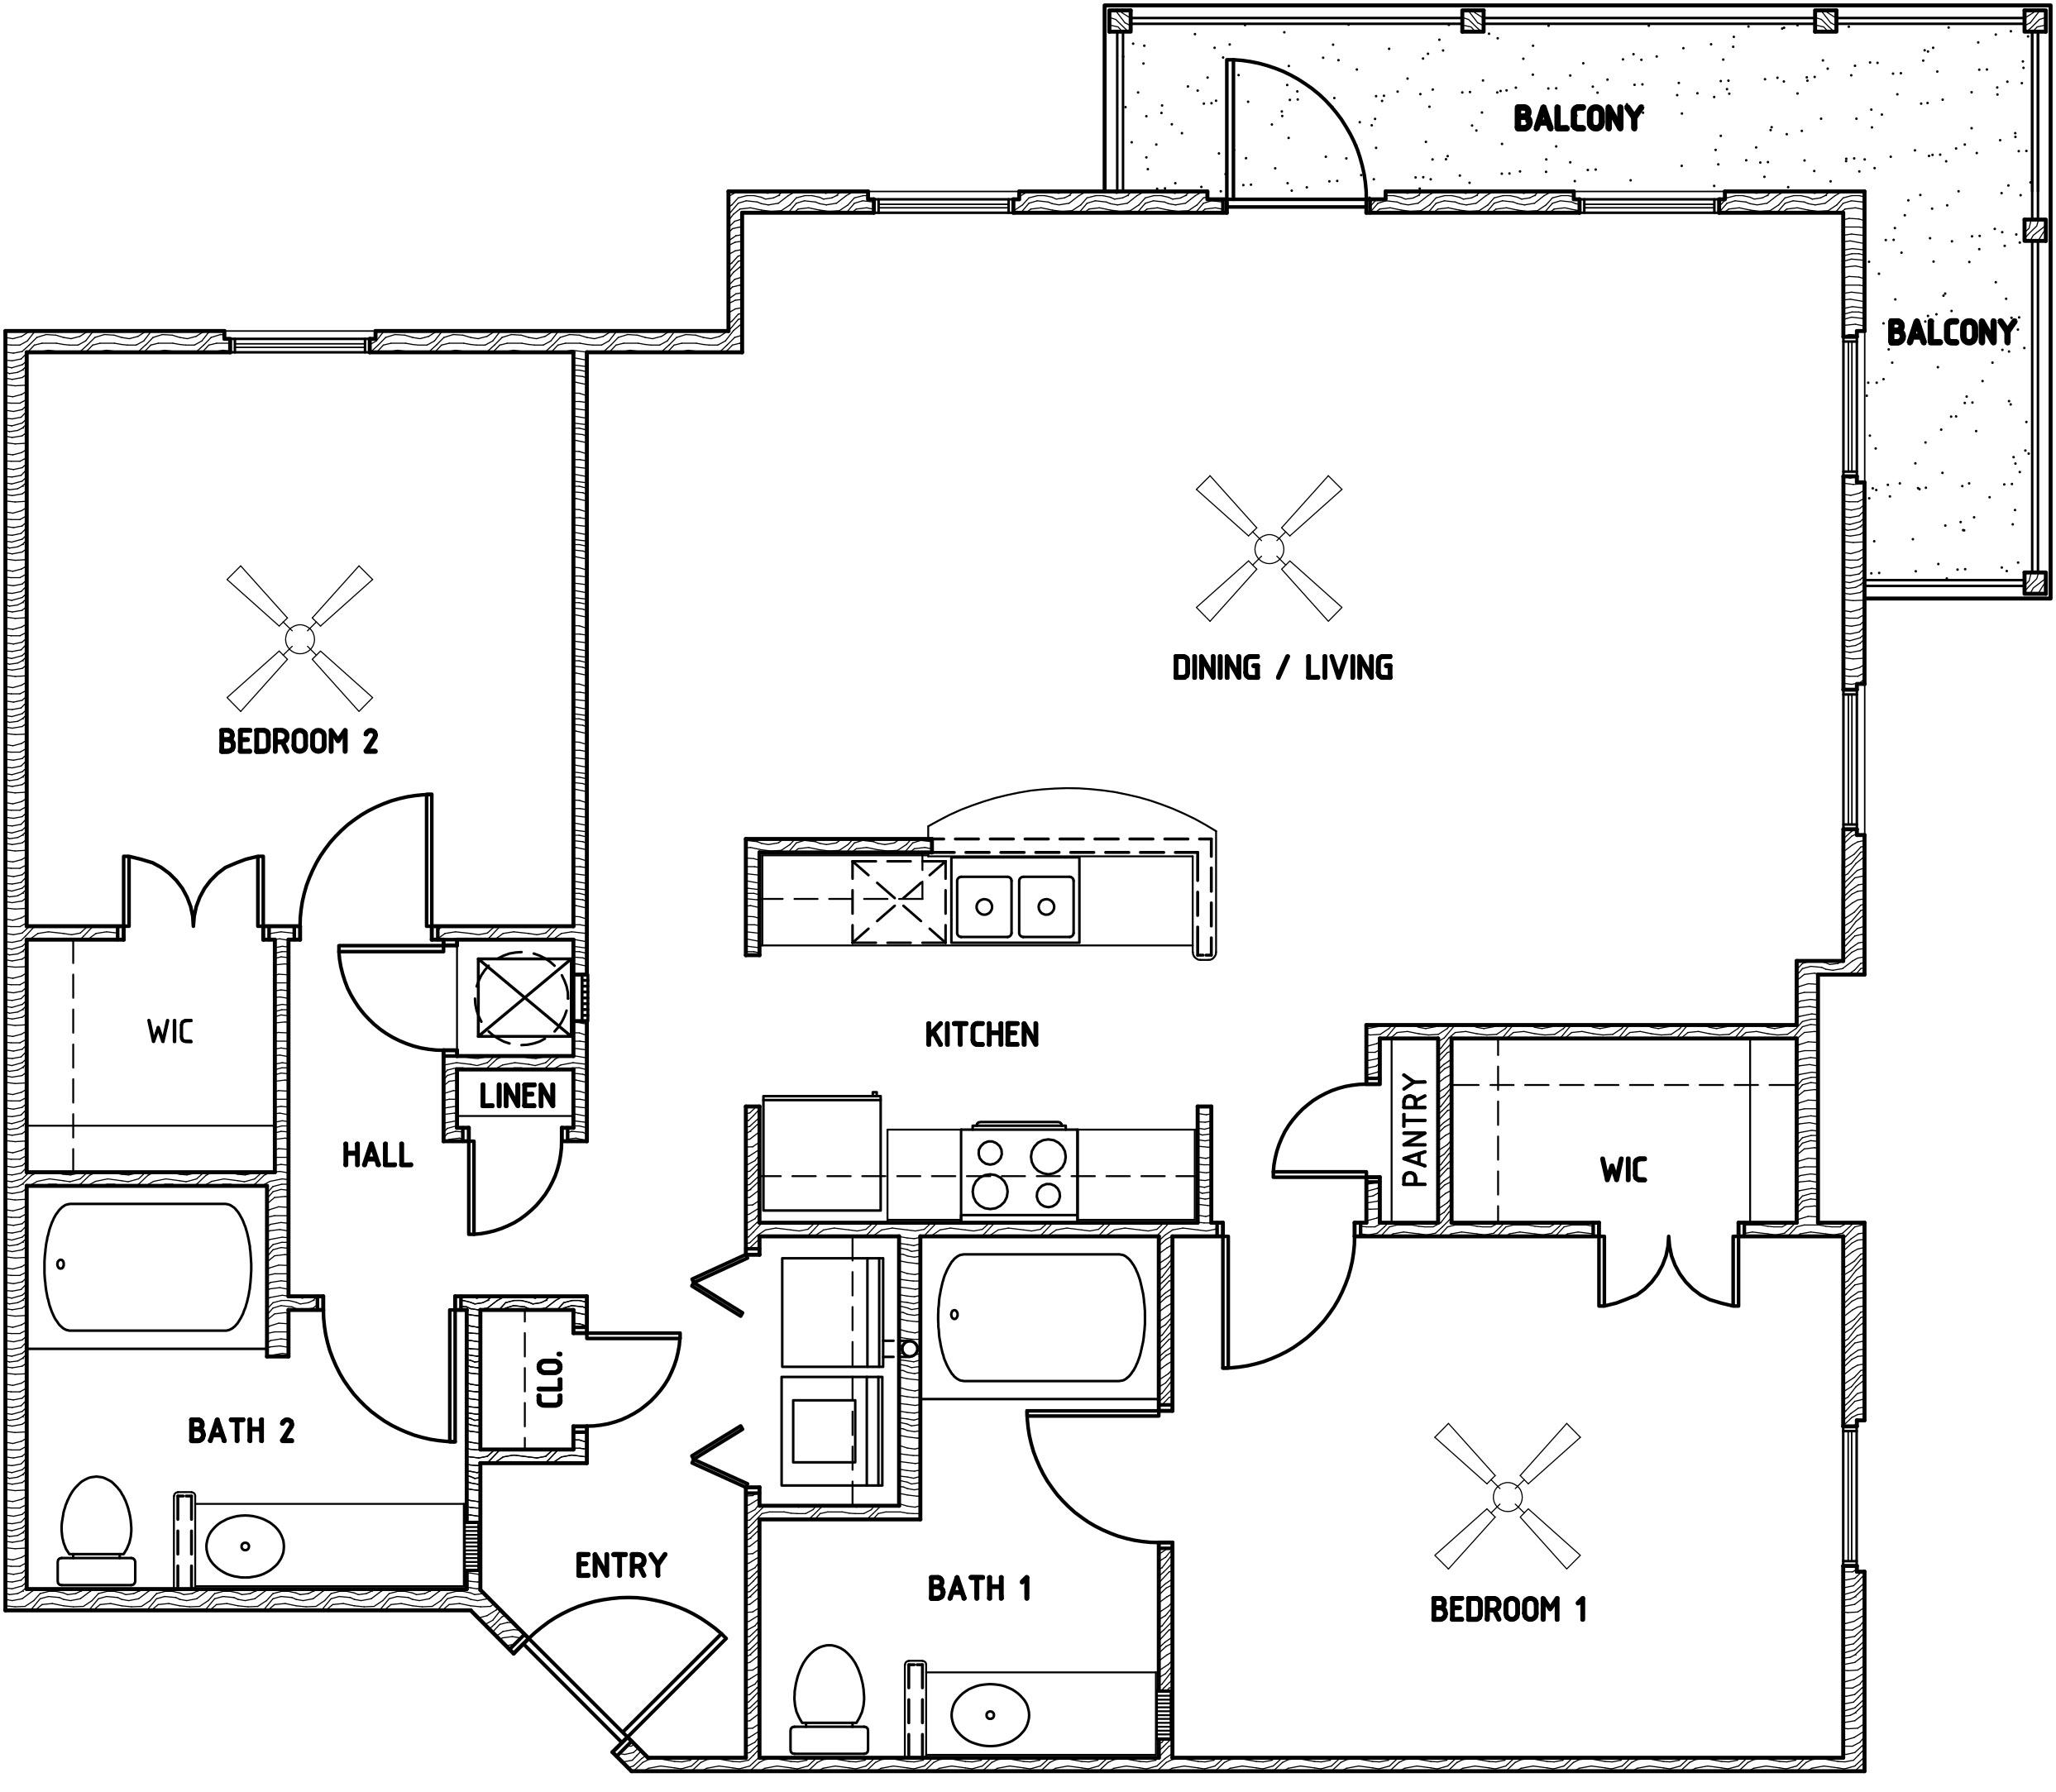 Elan at Terra Bella - Floorplan - H